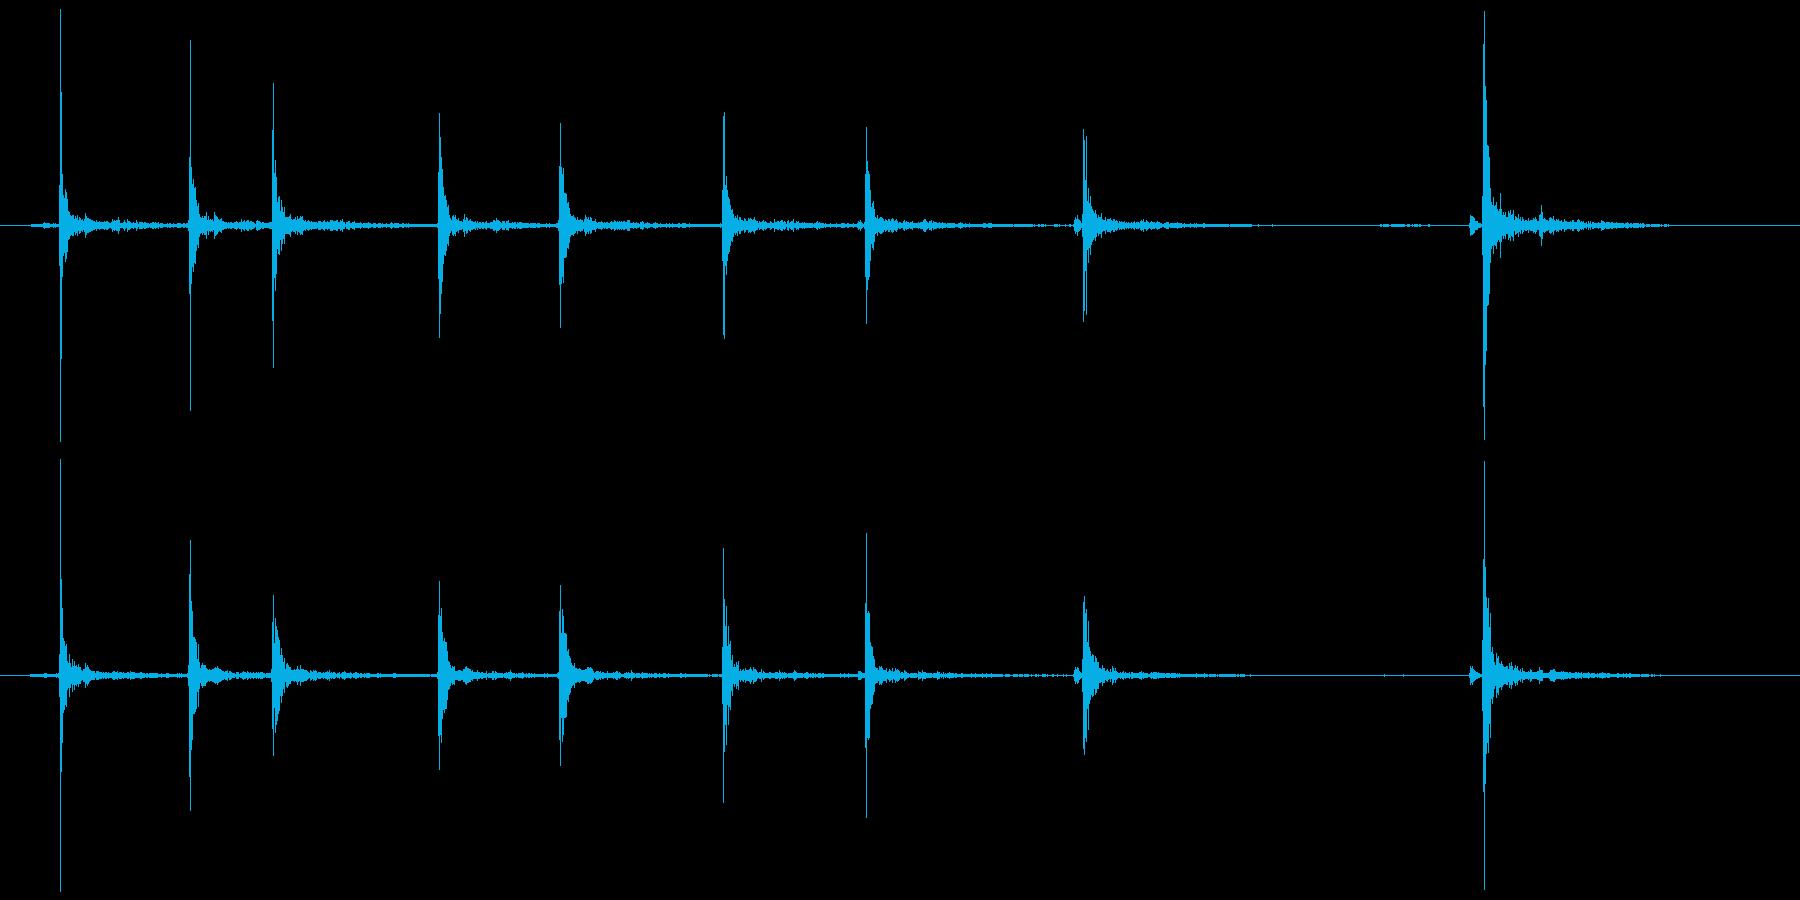 カッターの刃を伸ばす(気持ちゆっくり)の再生済みの波形